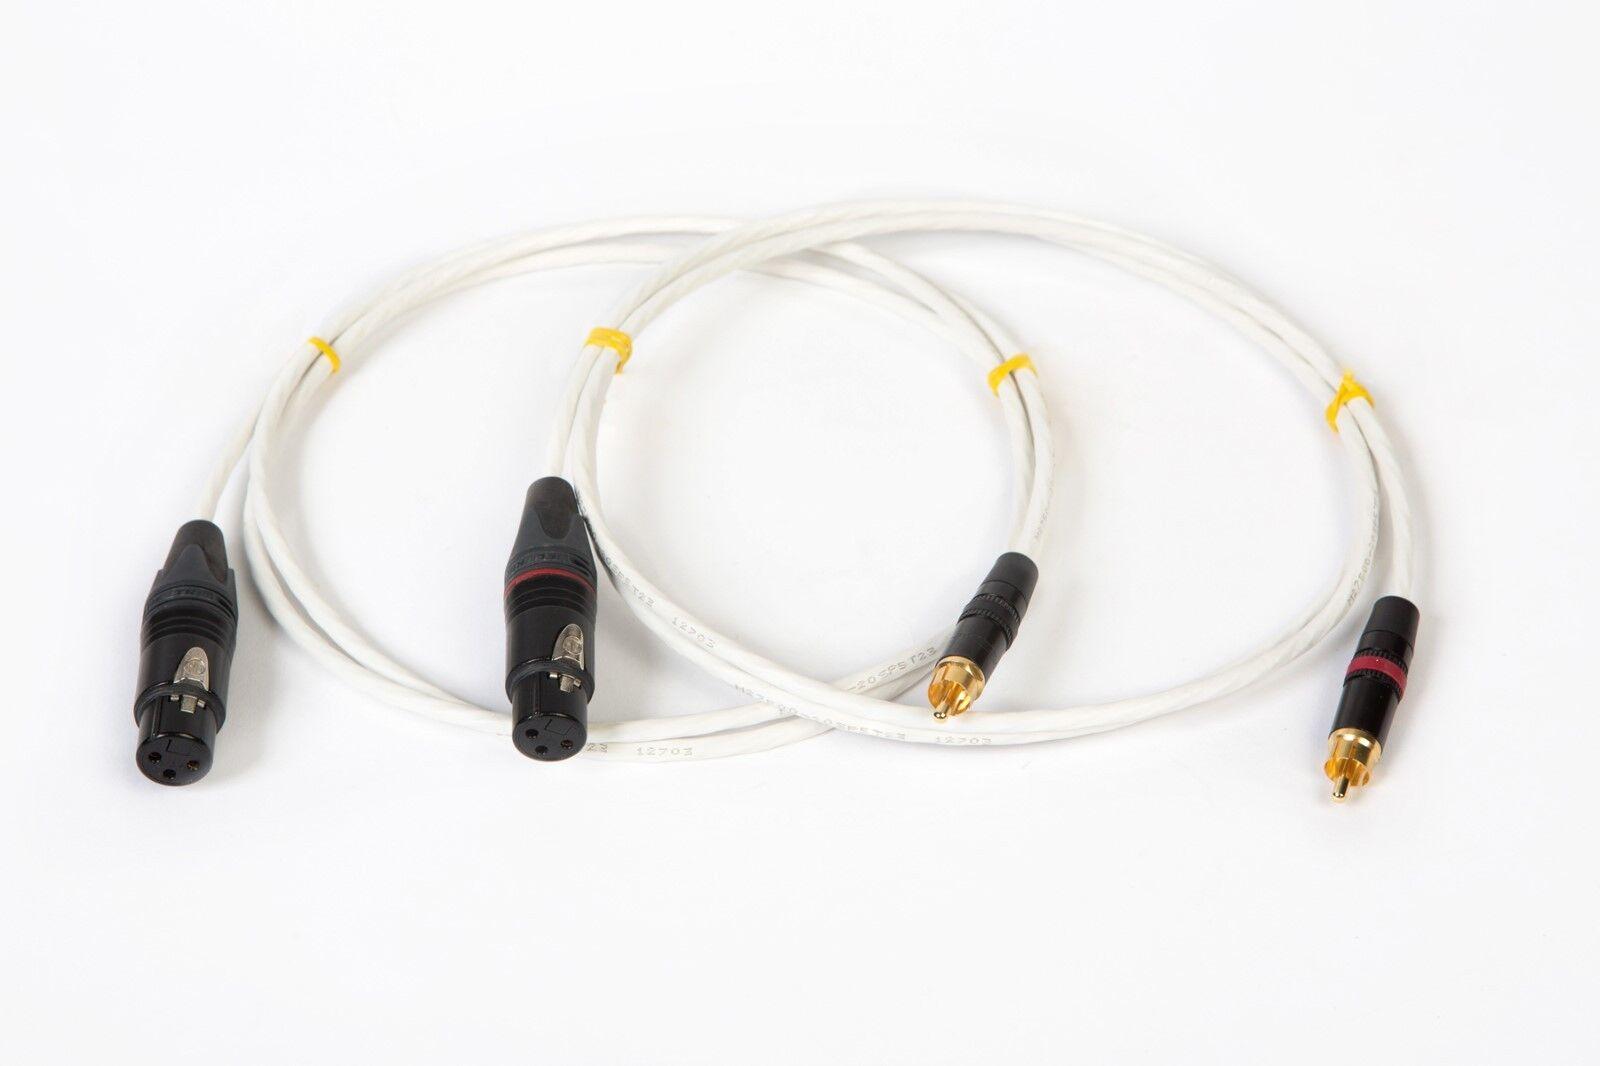 4' Pies de plata plateado plateado plateado Mil-spec RCA Cable de interconexión a Balanced XLR hembra. 786b8d